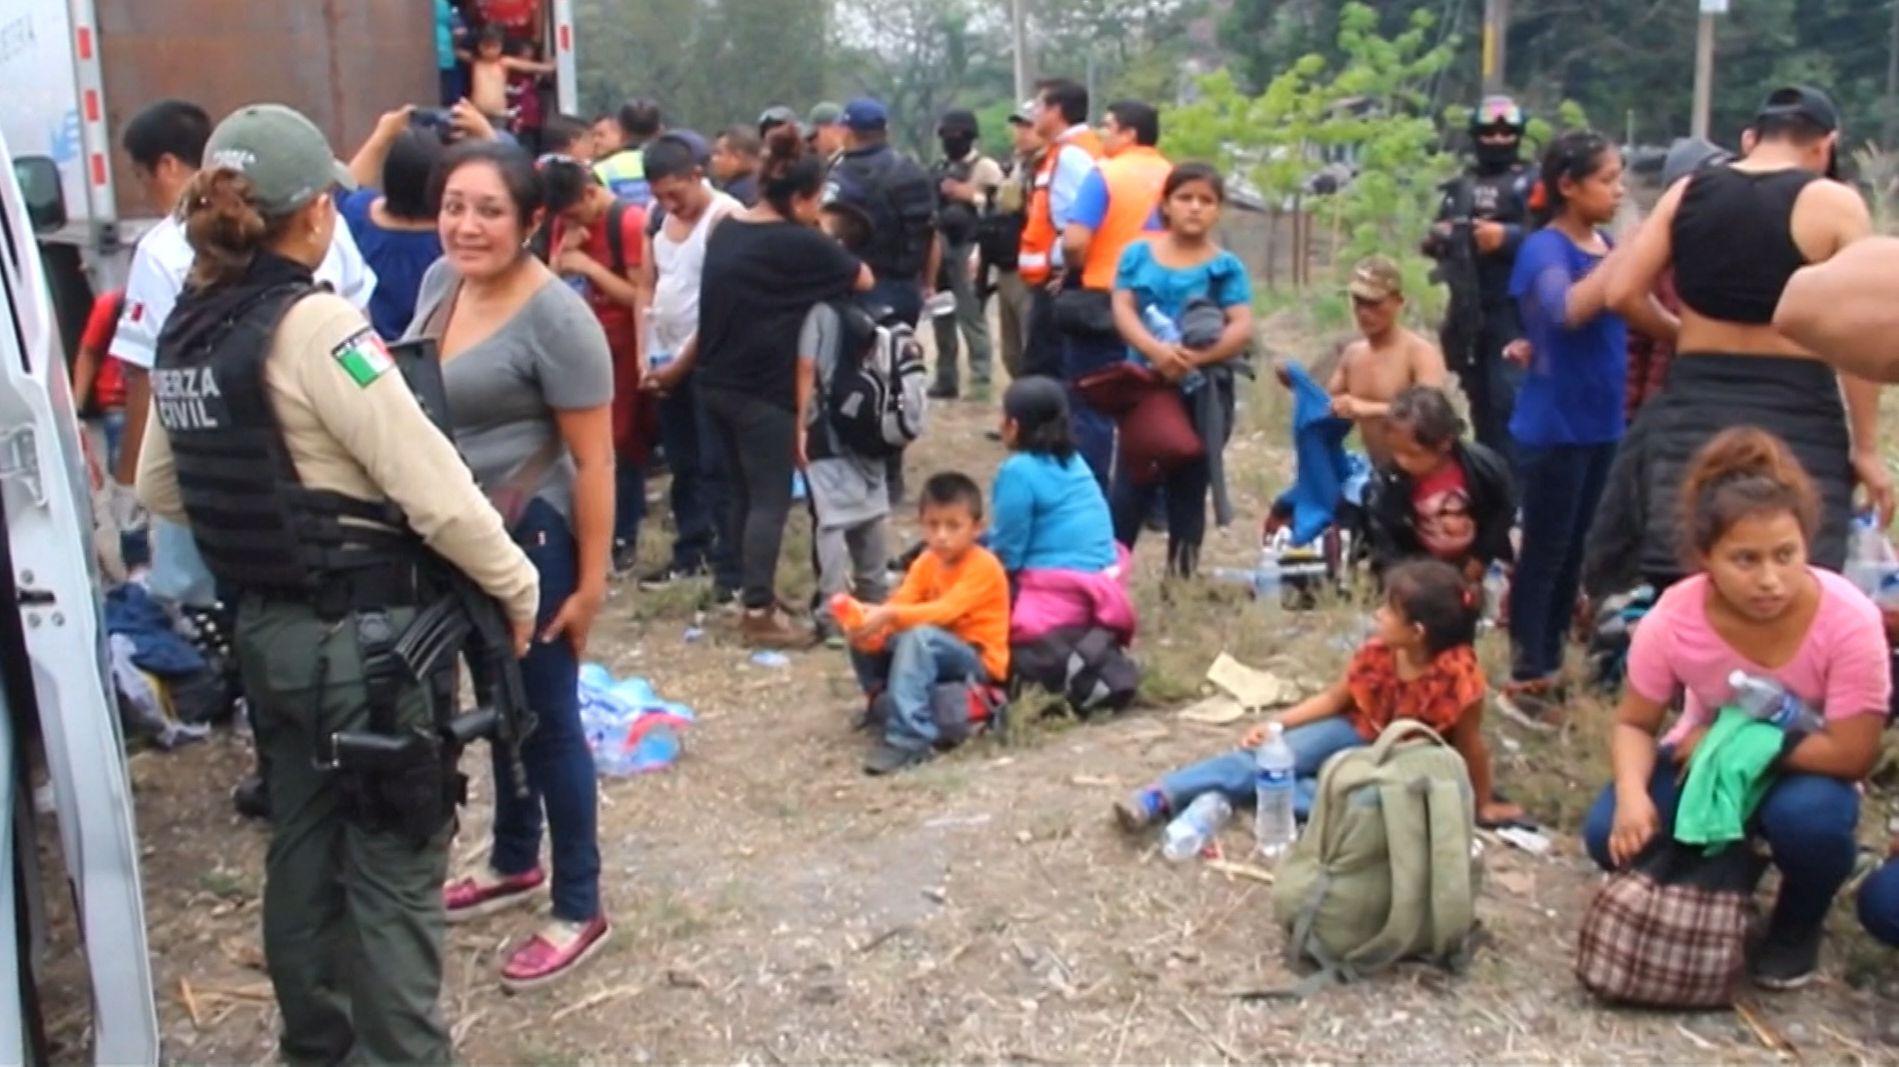 USA sichert Grenze zu Mexiko